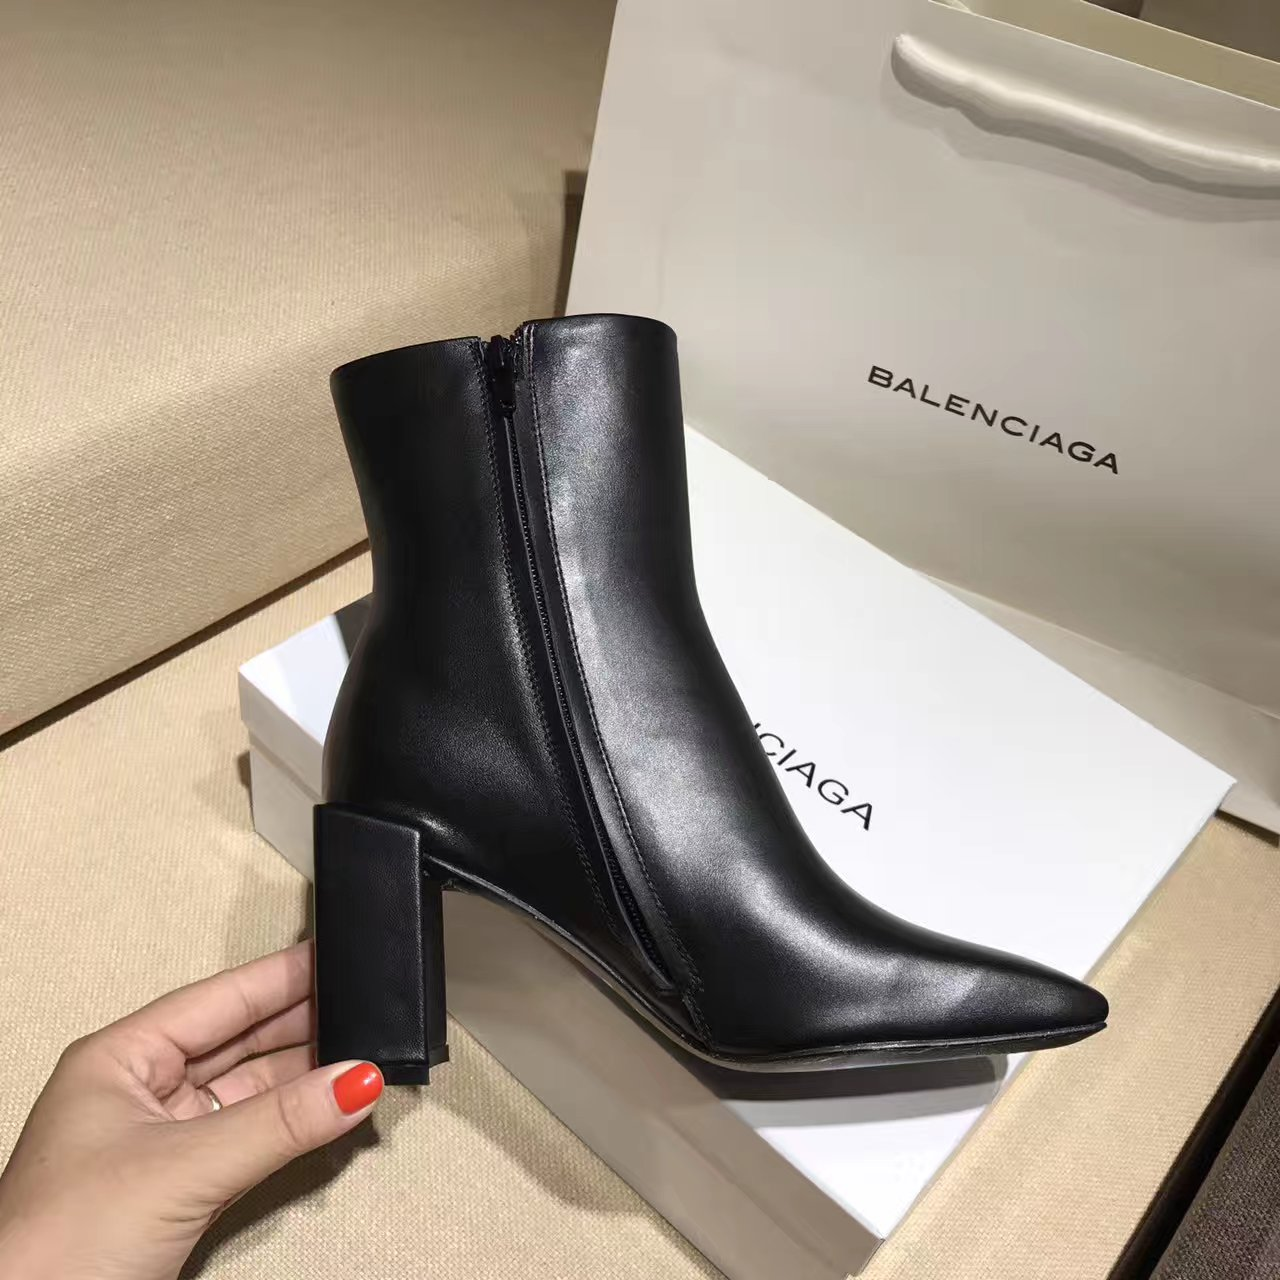 巴黎世家BALENClAGA 17秋冬新款短靴 真皮女靴价格多少钱